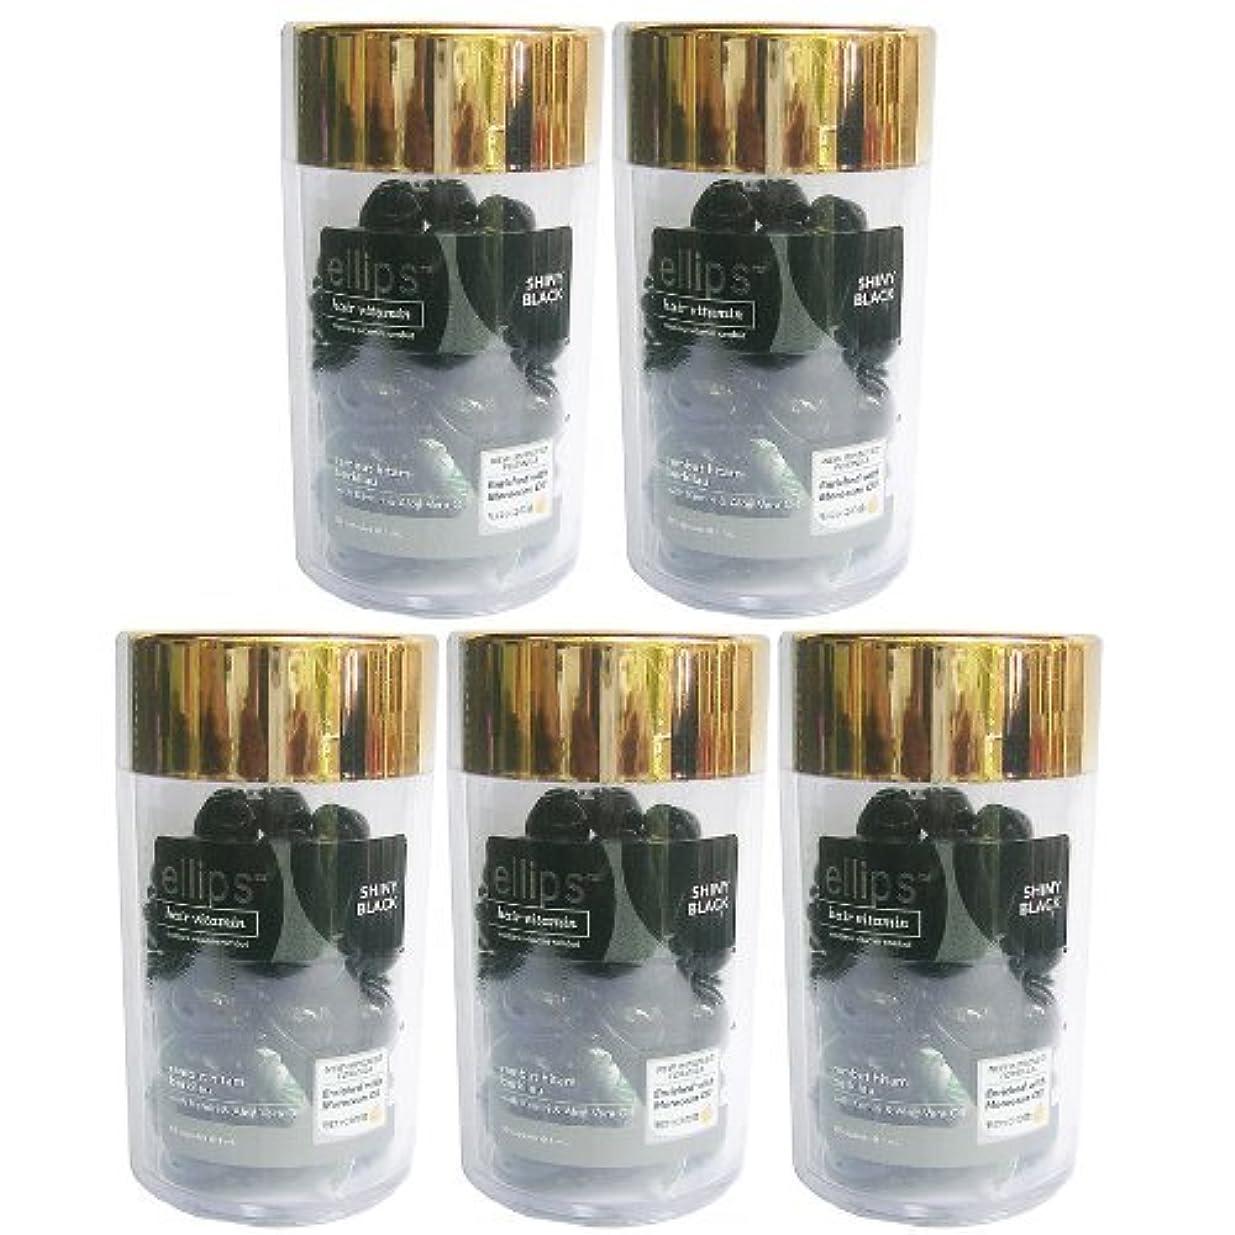 節約する強風処方するEllips(エリプス)ヘアビタミン(50粒入)5個セット [並行輸入品][海外直送品] ブラック